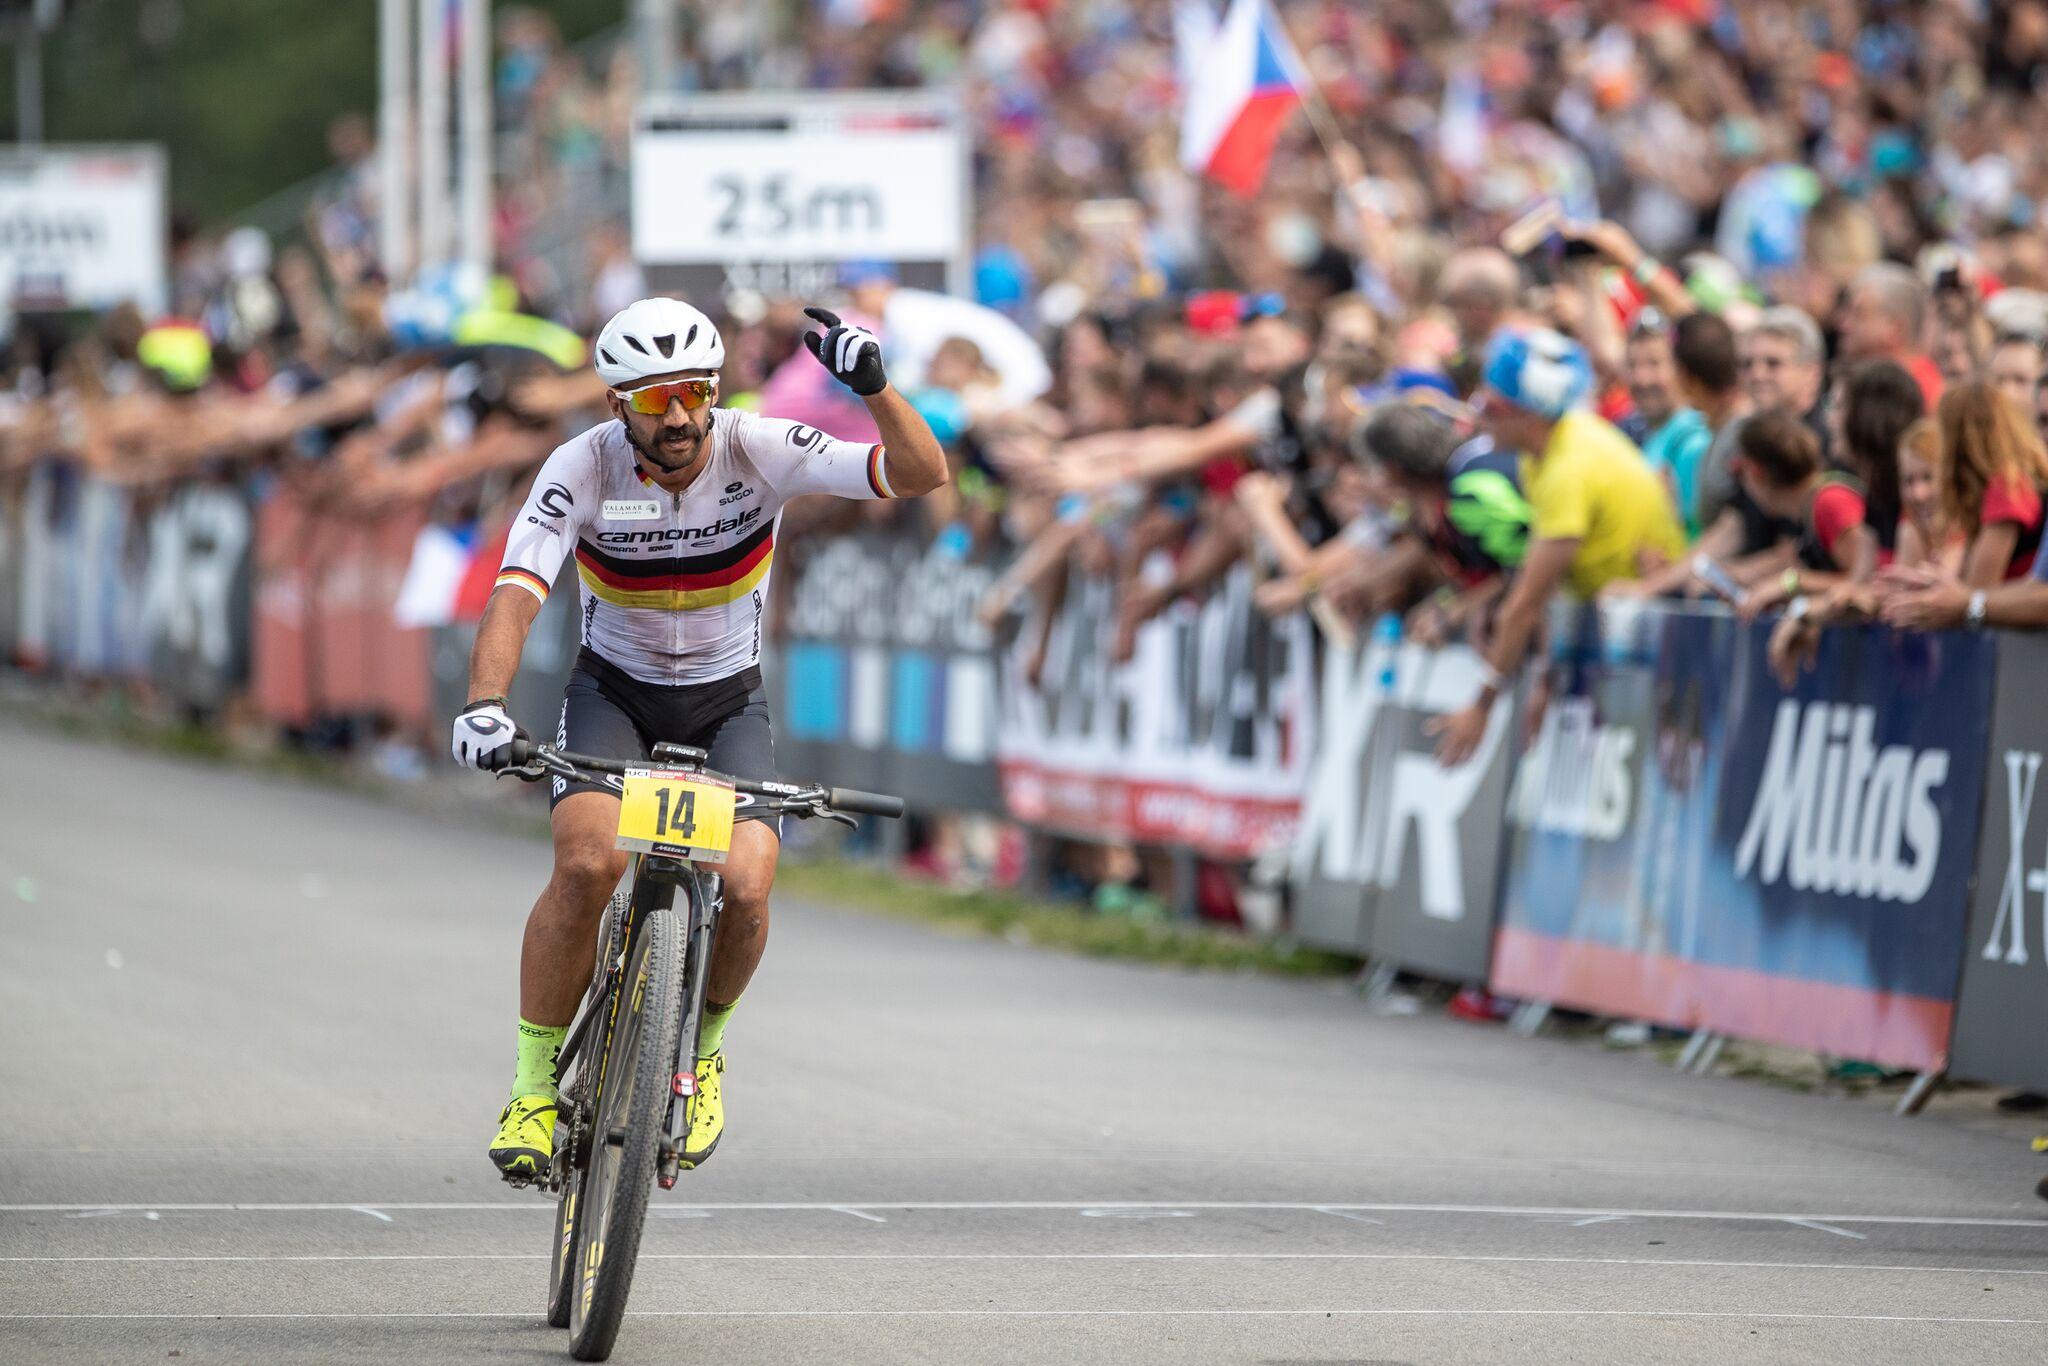 Jedna od najvećih zvijezda brdskog biciklizma na pripremama u Rapcu (2).jpeg (311 KB)